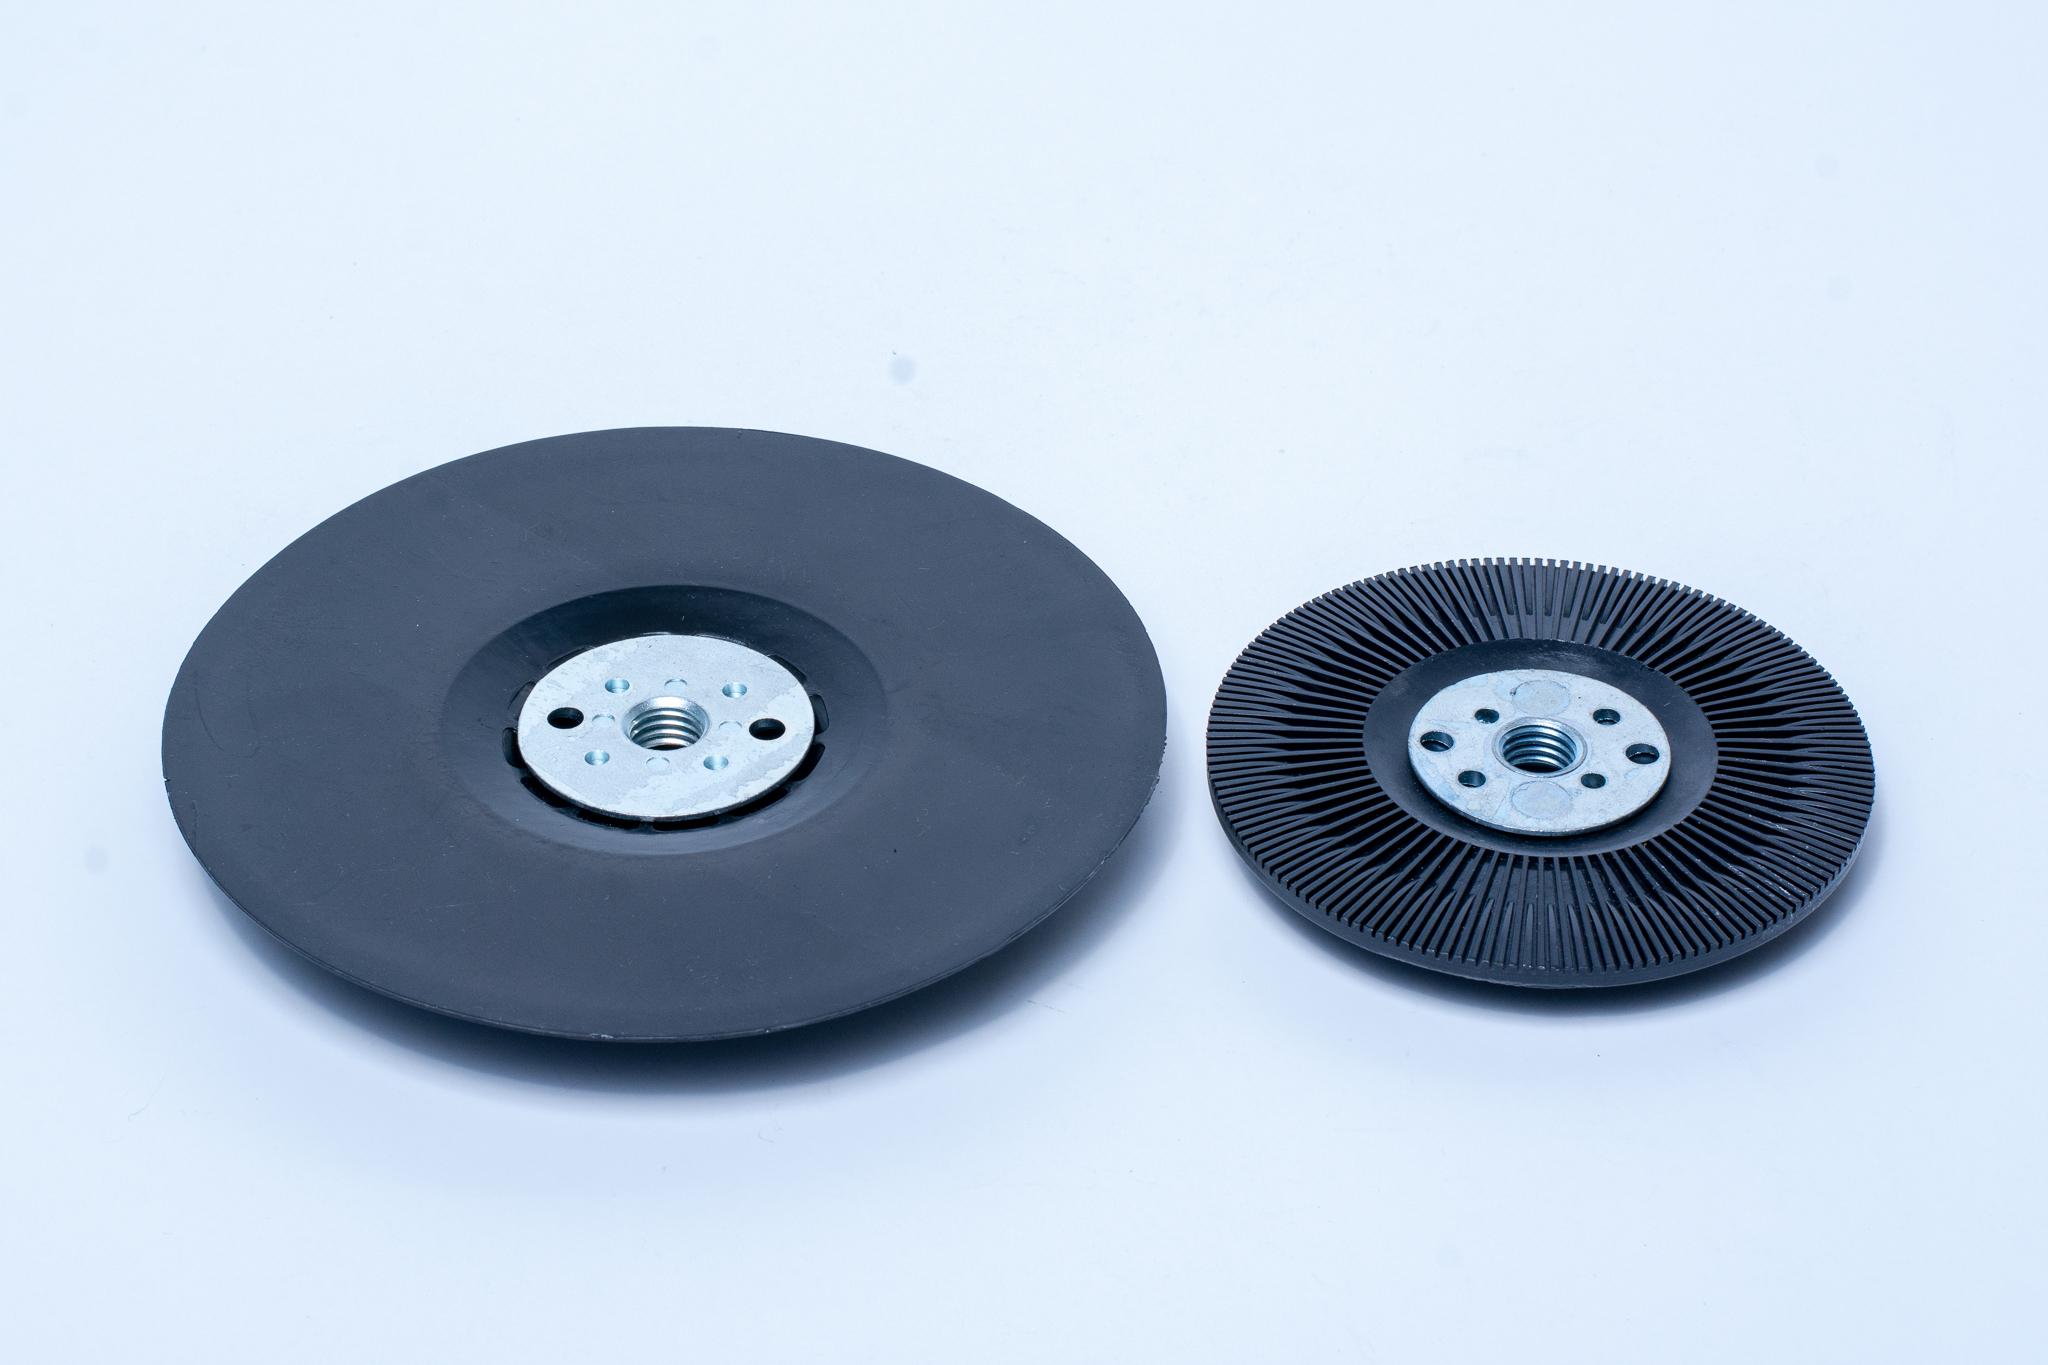 backup-pad-fibrediscs